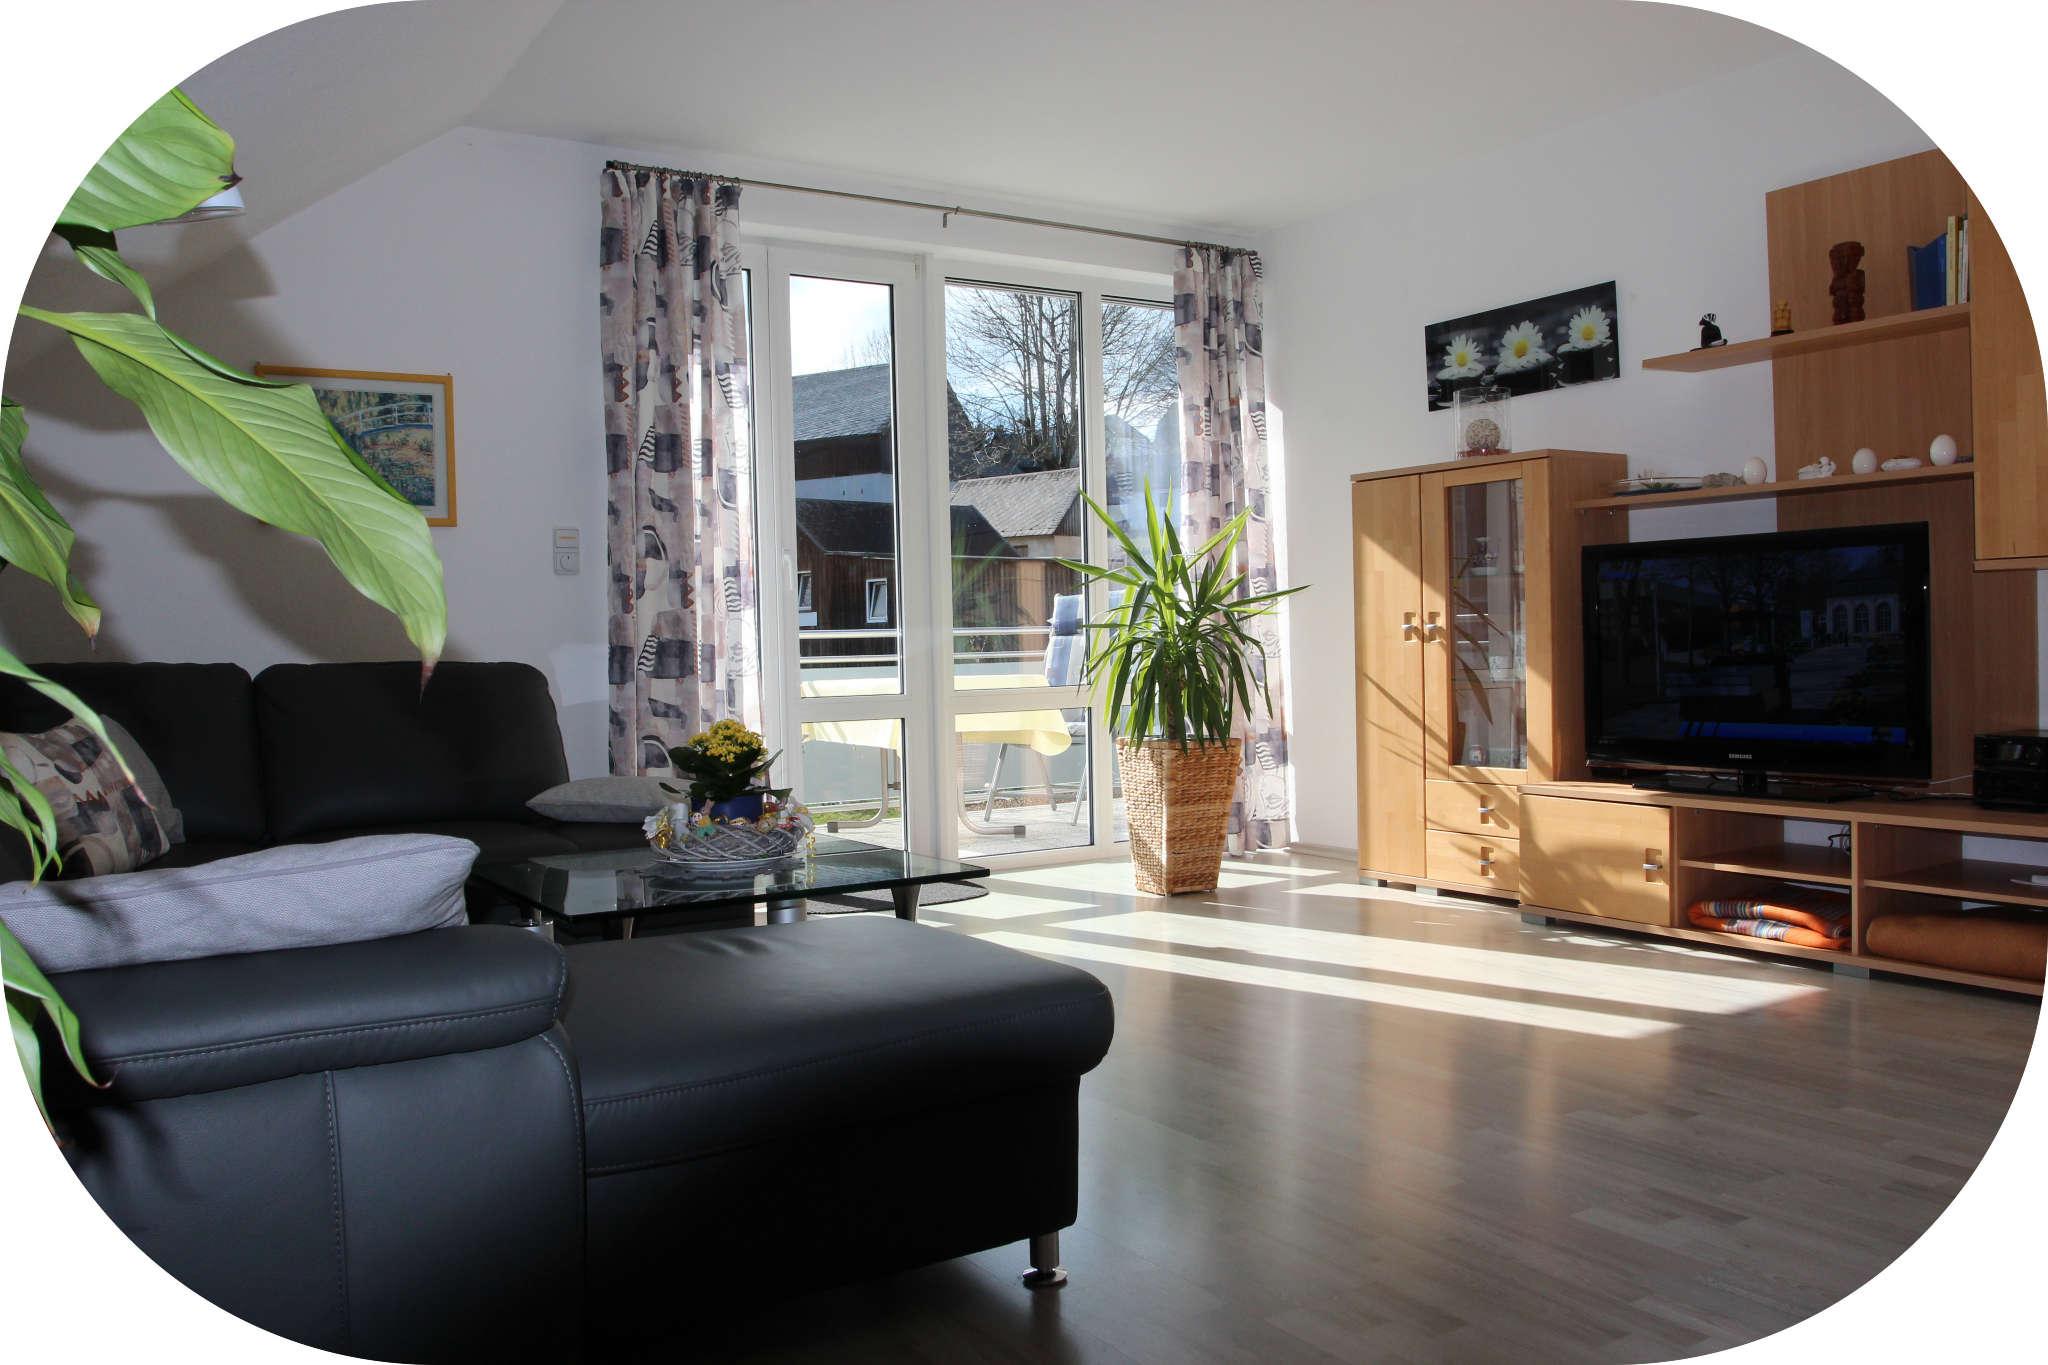 Wohnzimmer mit HDTV Fernseher